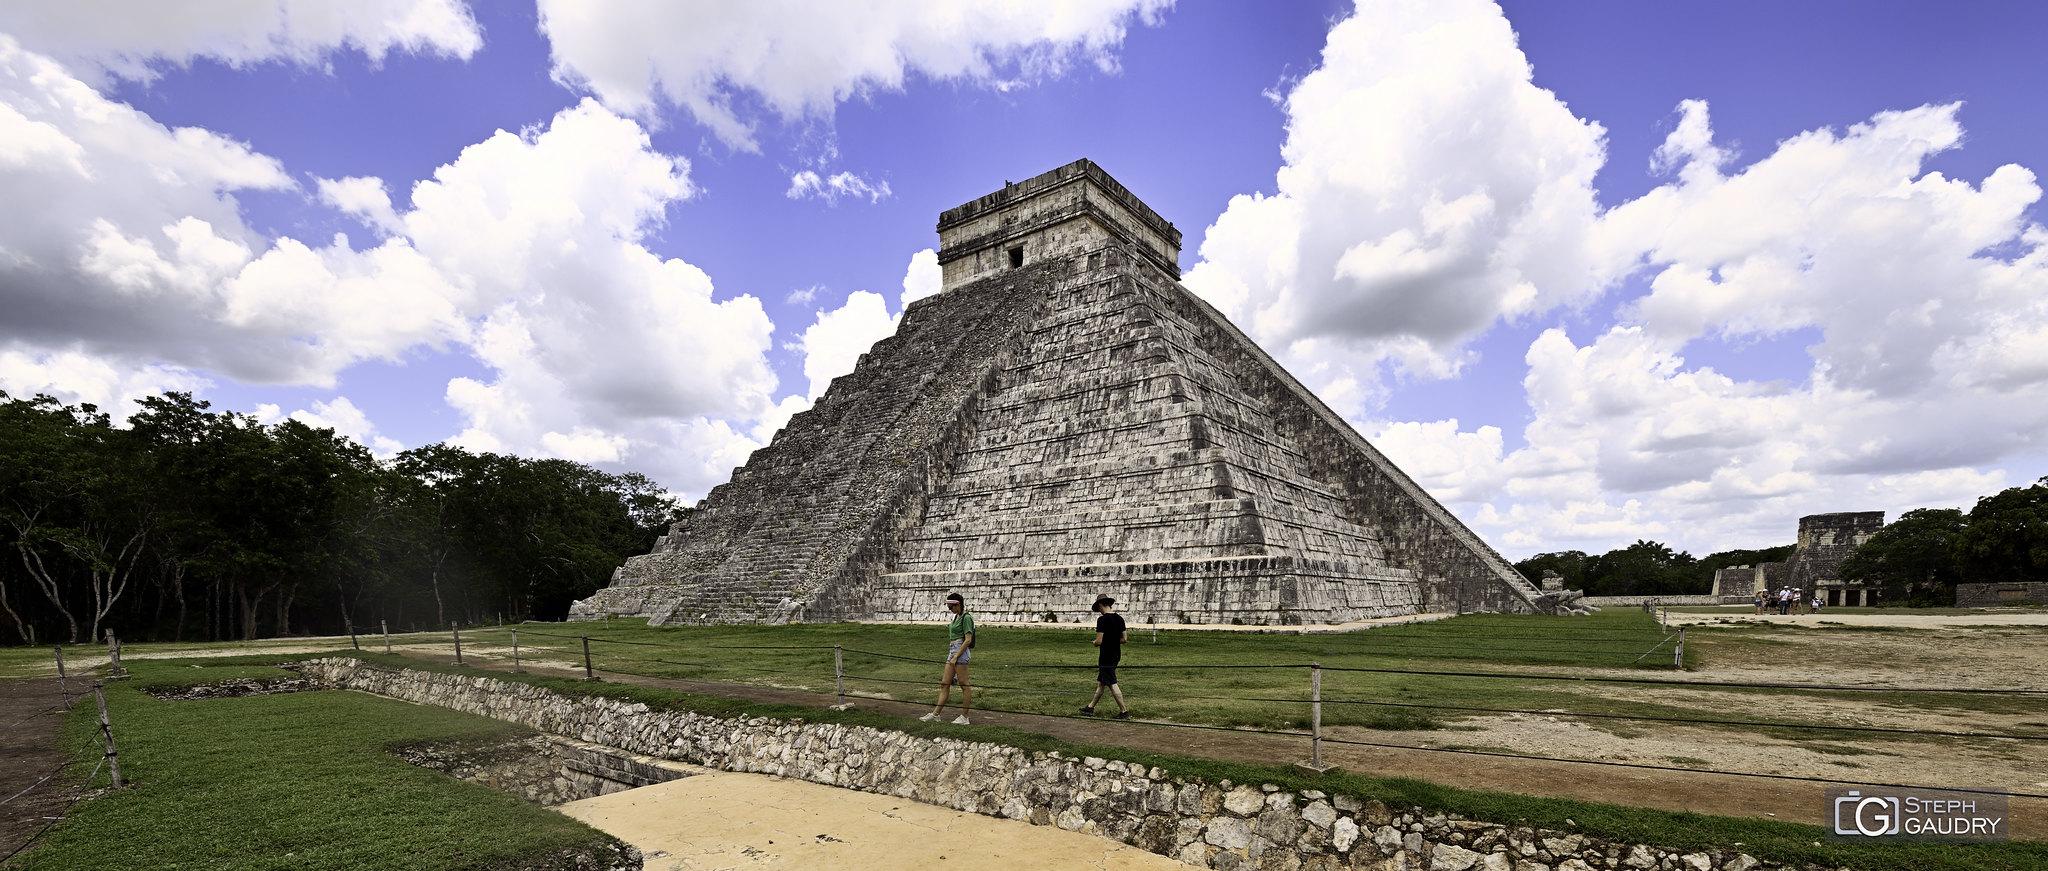 Chichén Itzá - El Castillo (pyramide de Kukulcán) - ciné [Cliquez pour lancer le diaporama]